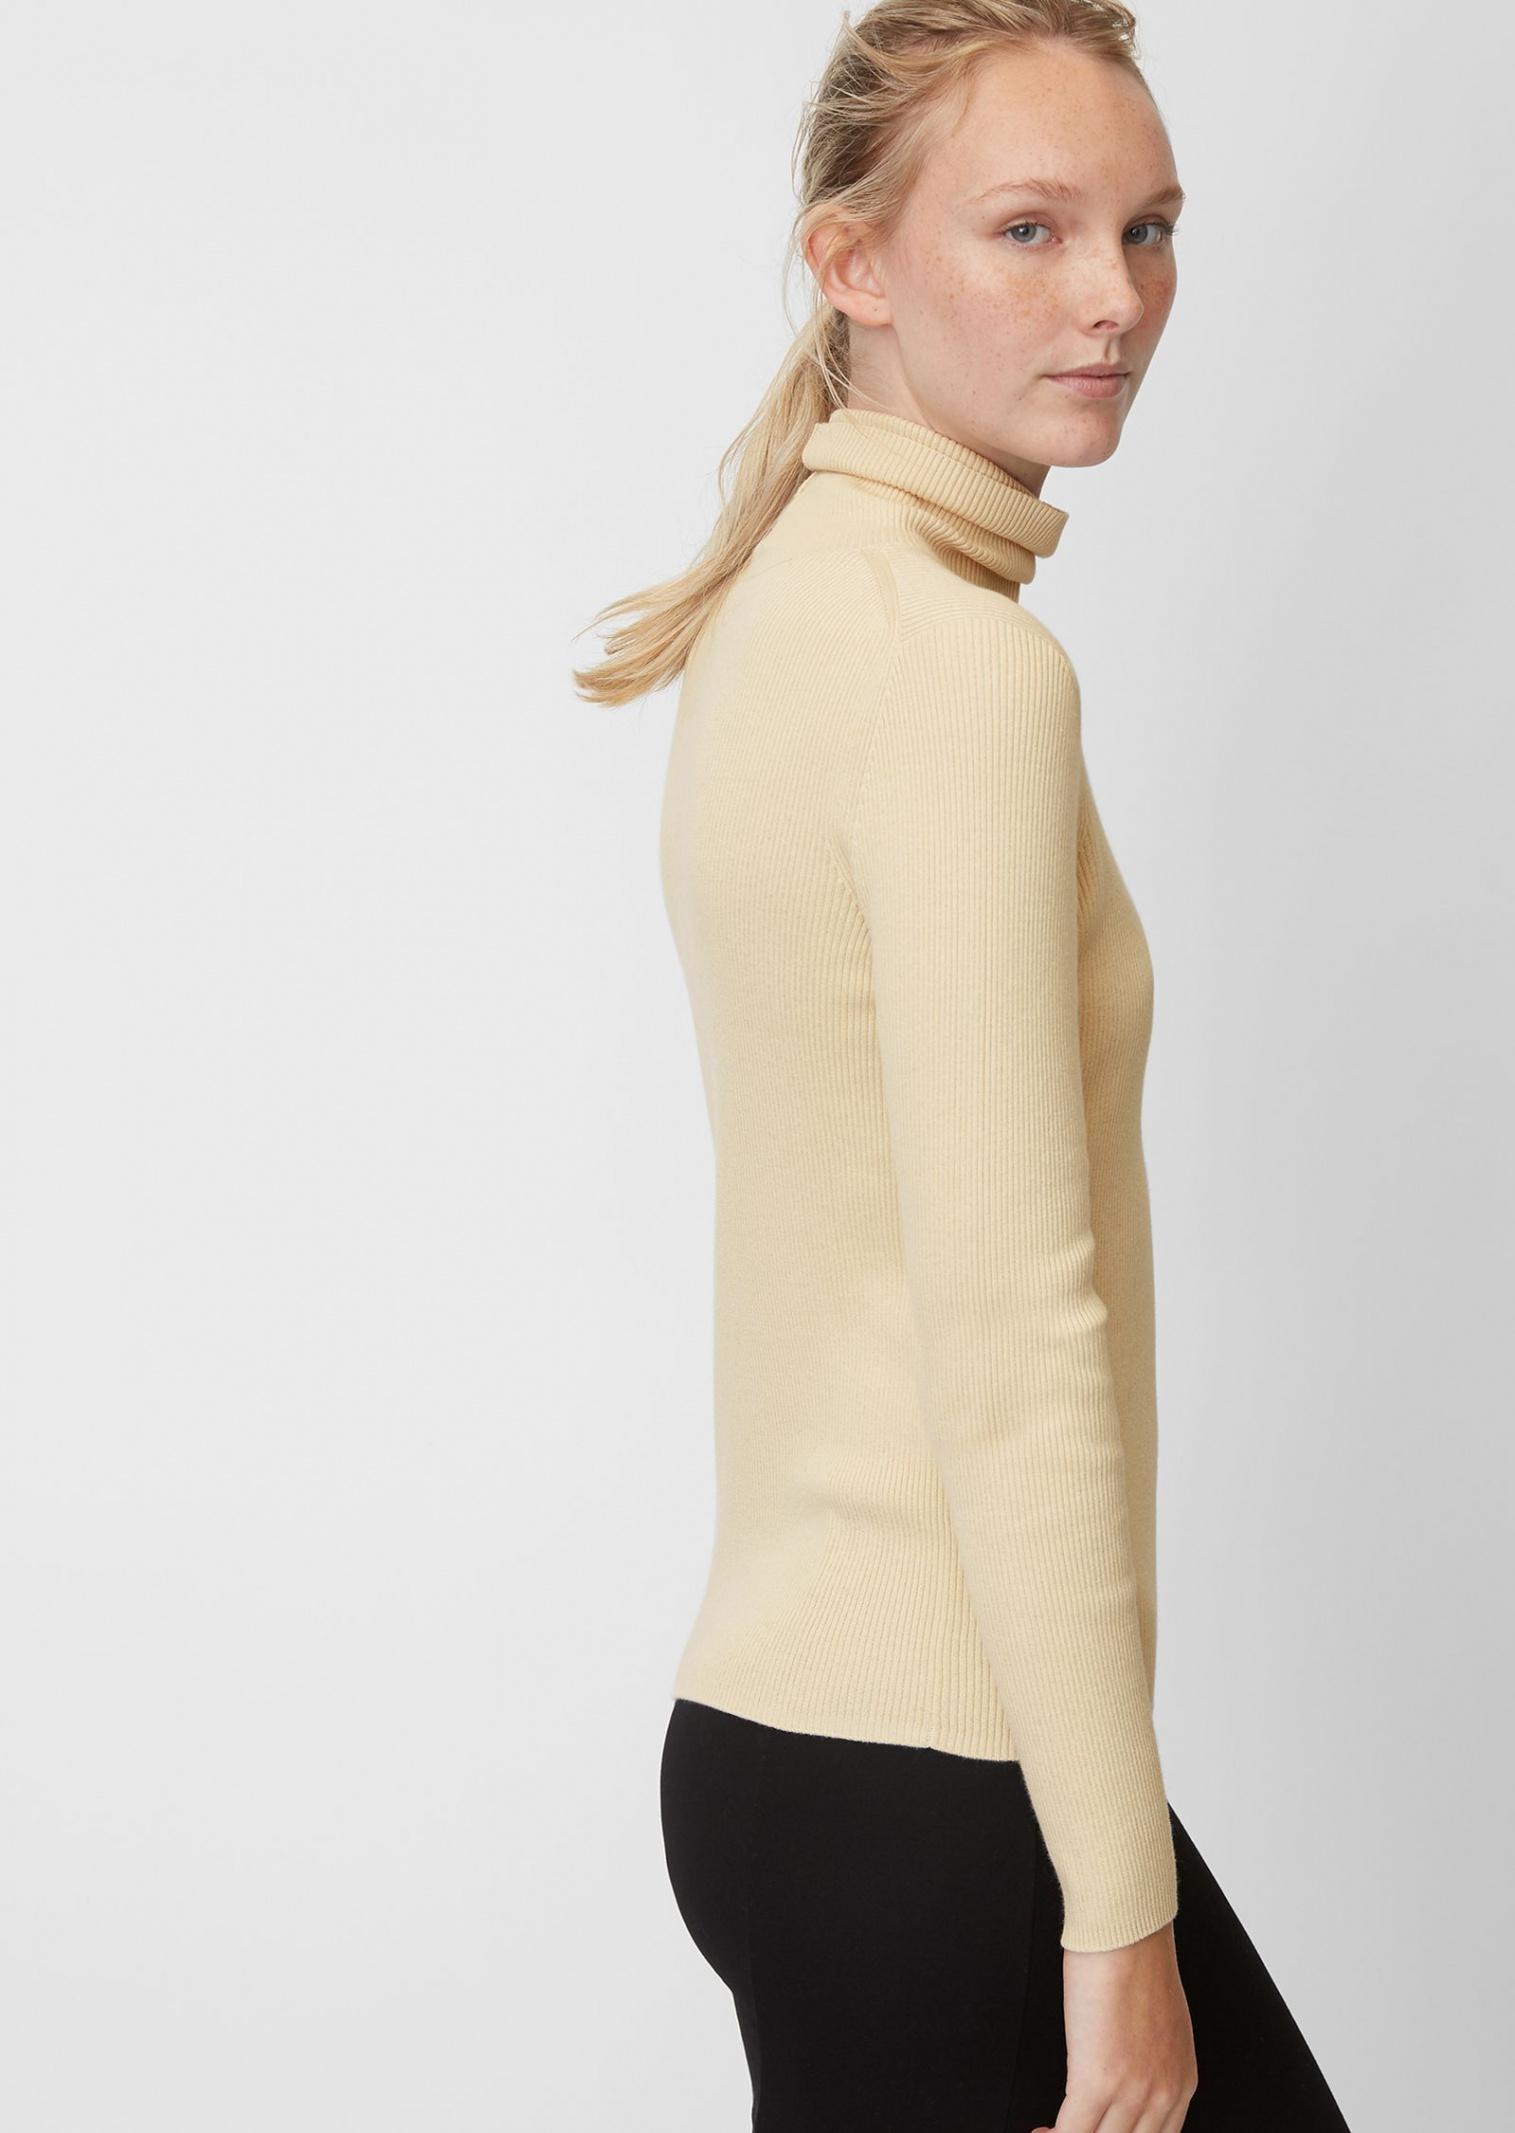 Кофты и свитера женские MARC O'POLO модель PF3858 качество, 2017